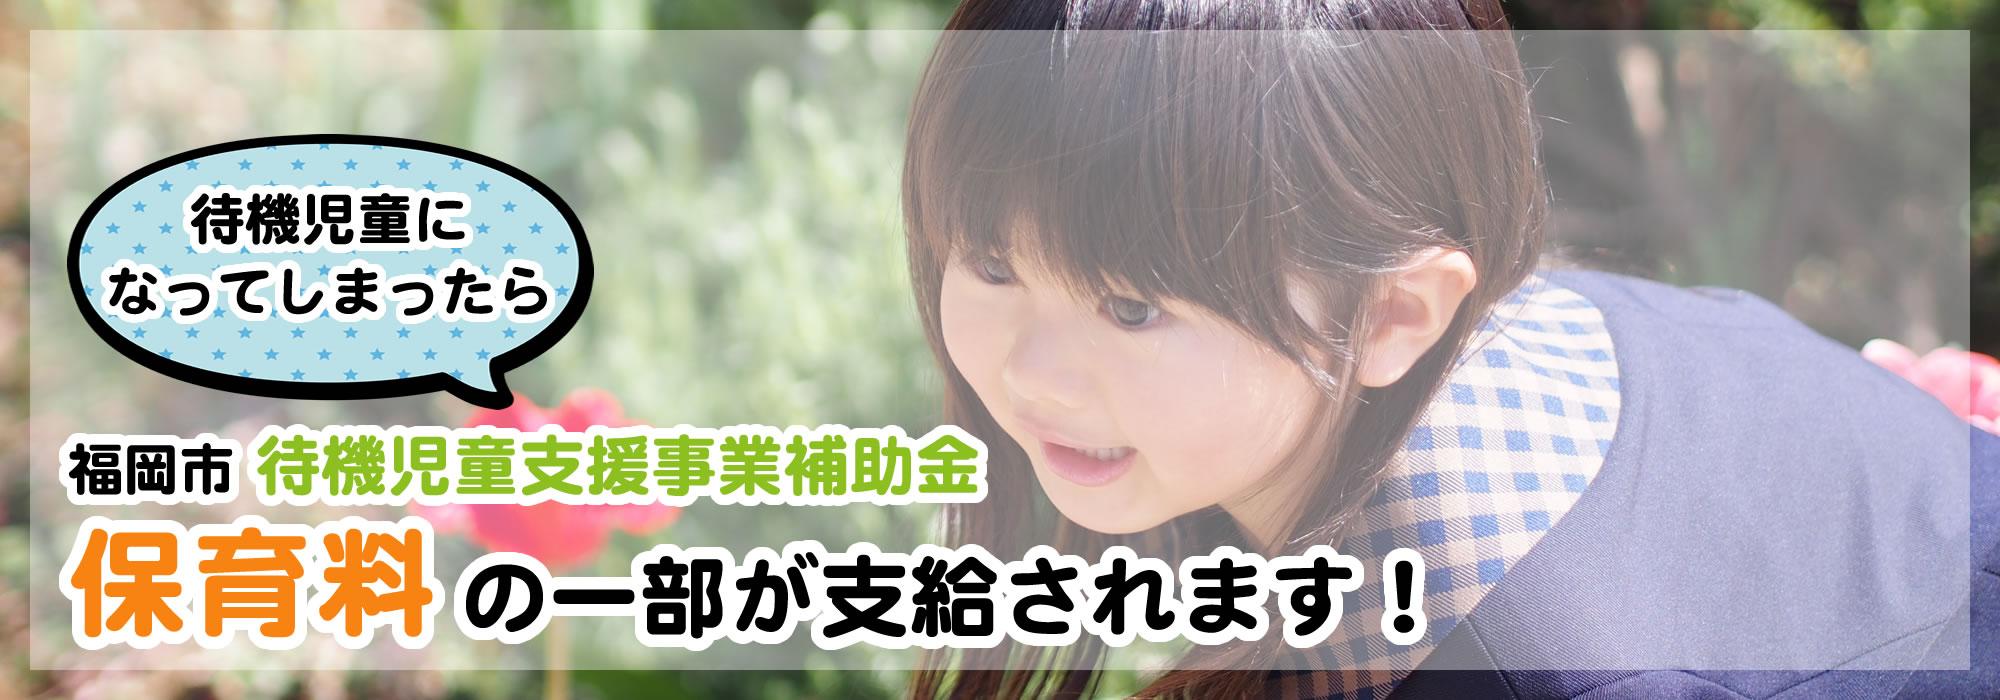 福岡市待機児童支援事業について